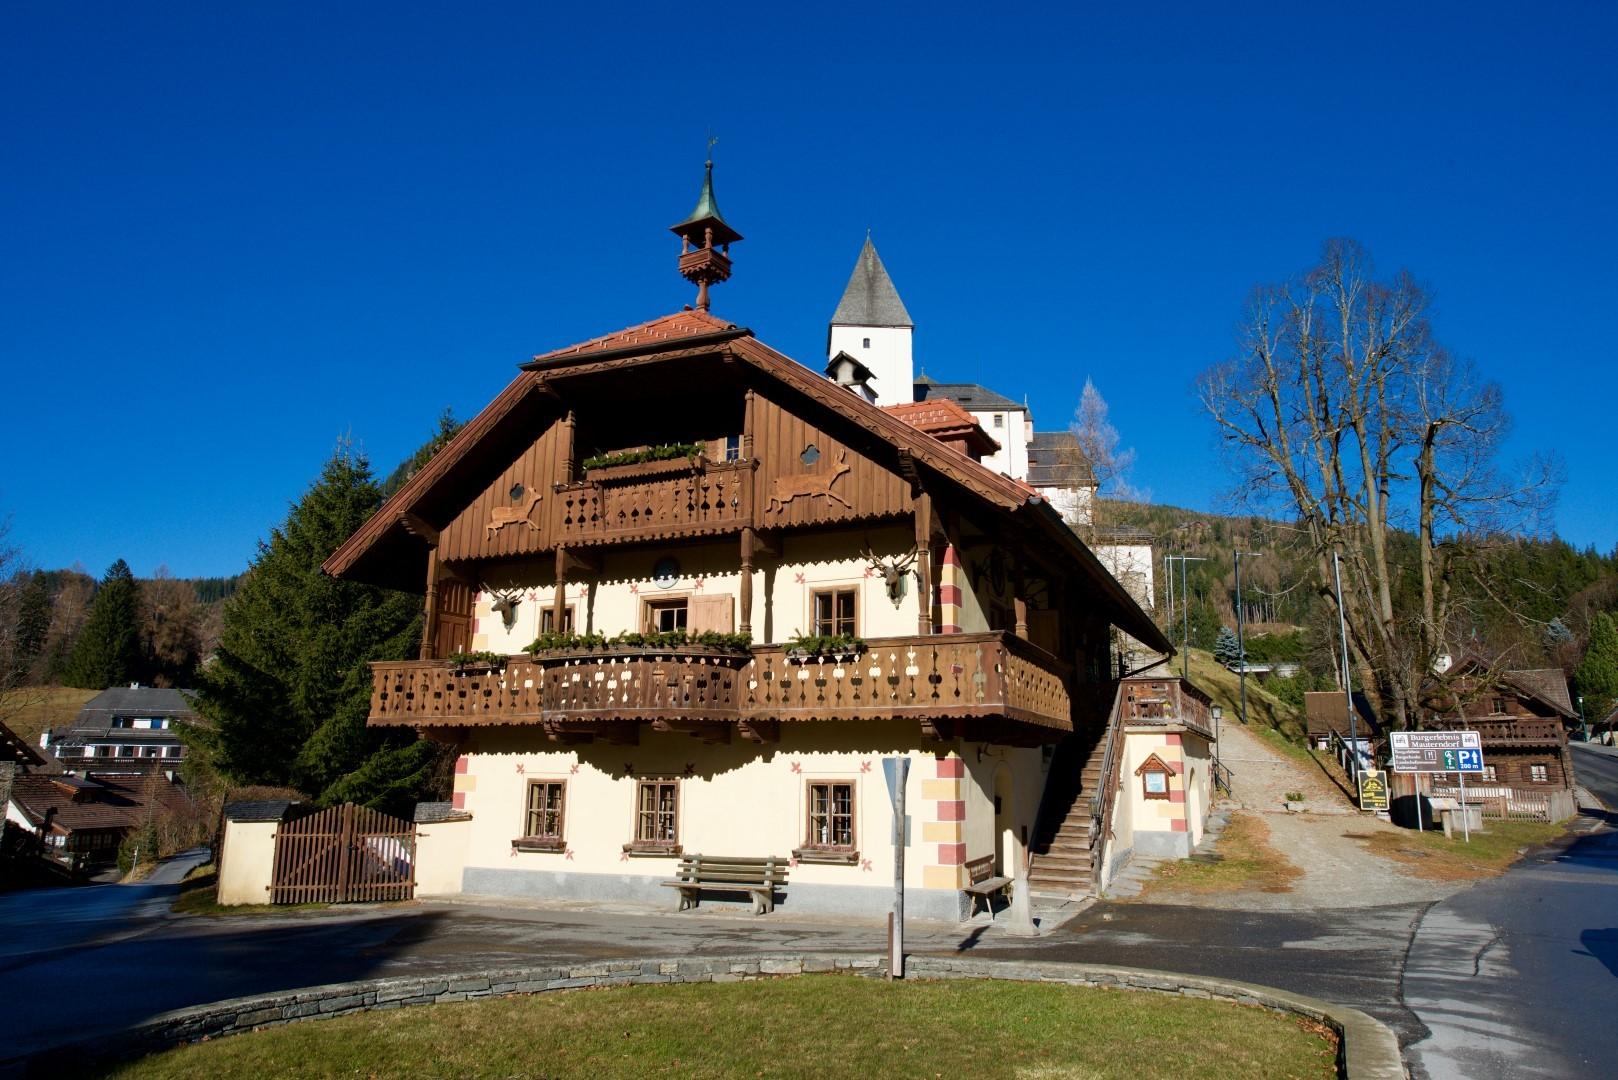 Das Schlossmeierhaus